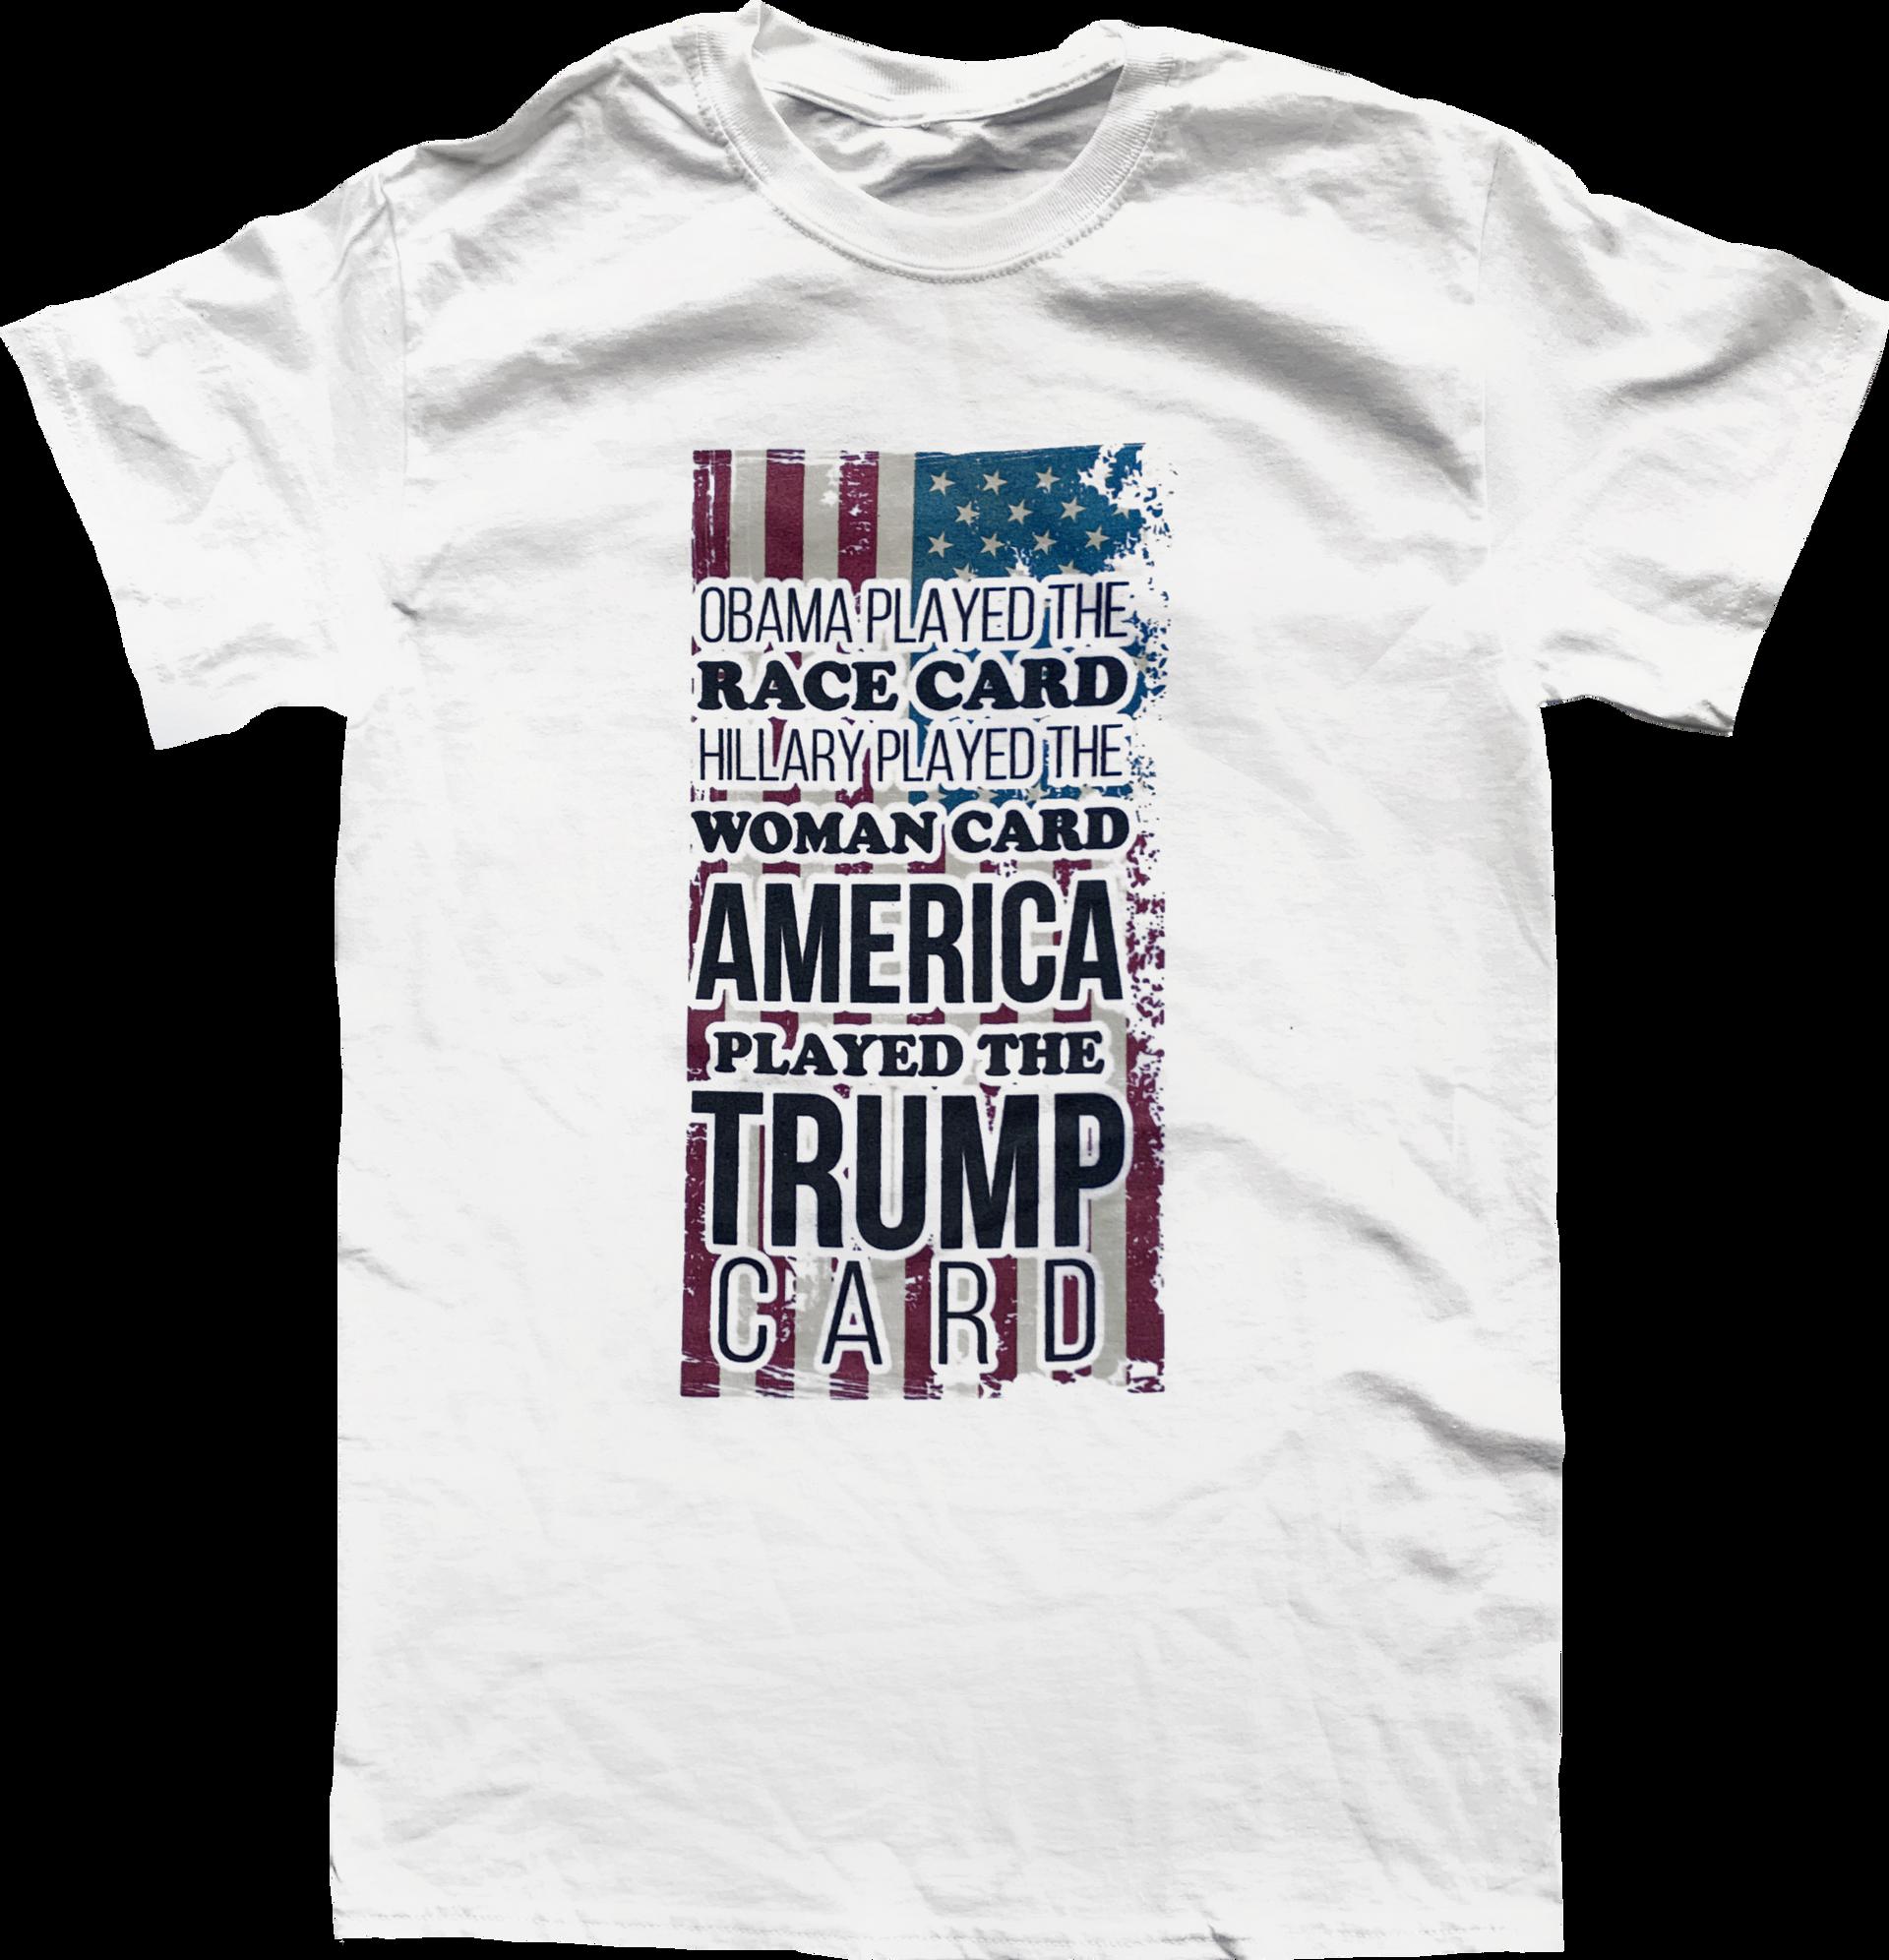 Race Card / Woman Card / Trump Card